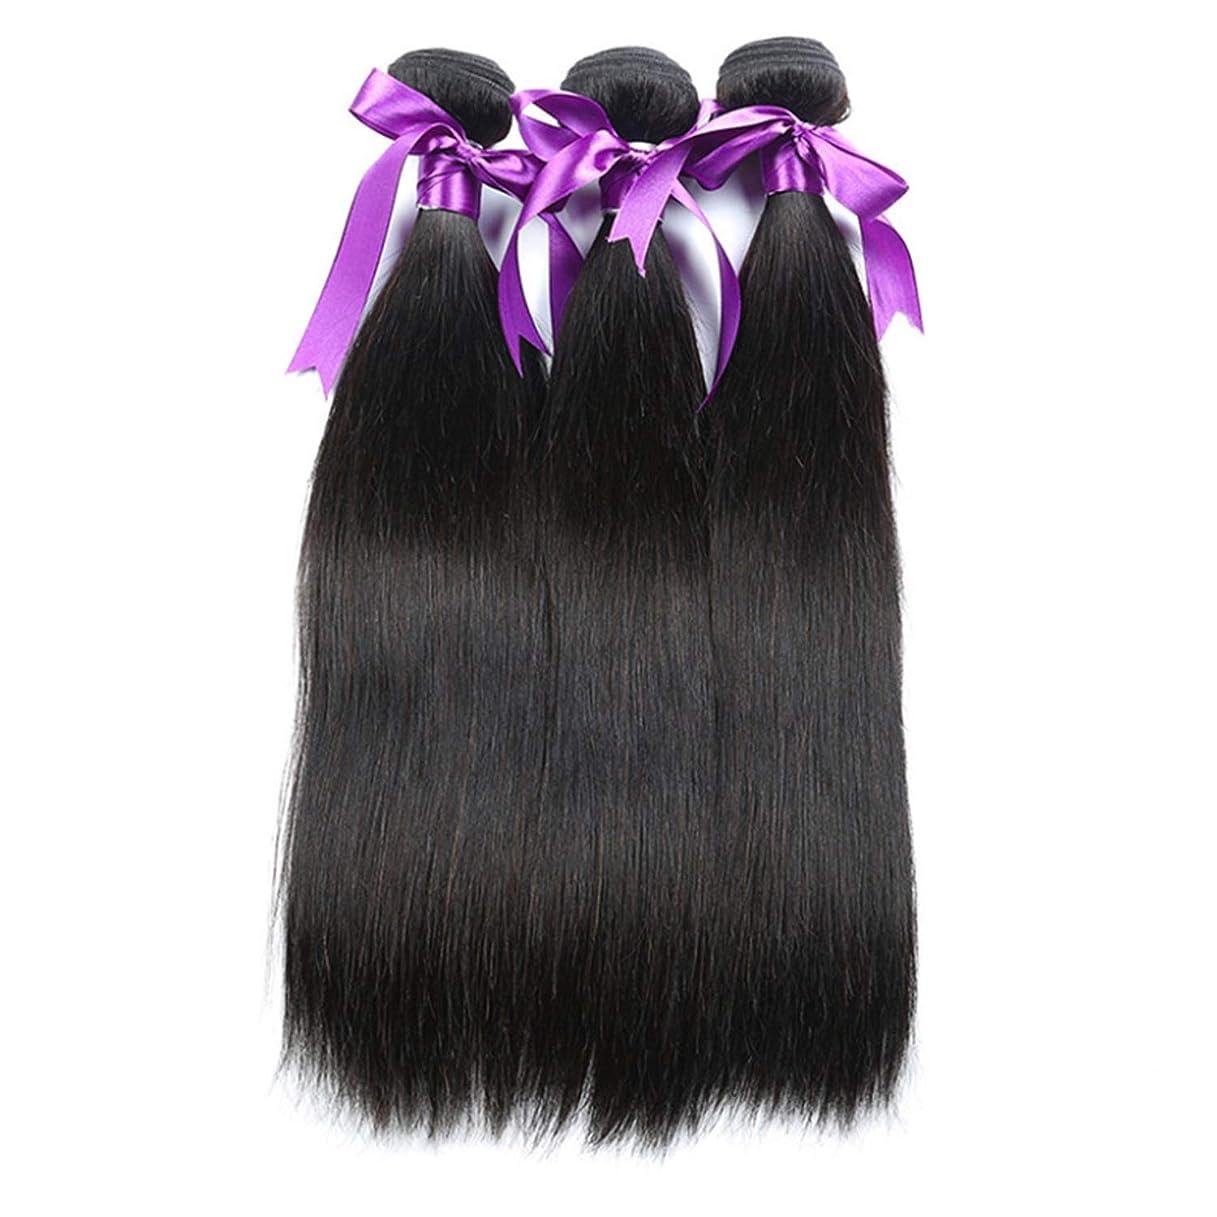 錫スラダム除去髪マレーシアストレートヘア3個人間の髪の束非レミーの毛延長8-28インチボディヘアウィッグ かつら (Length : 18 20 20)